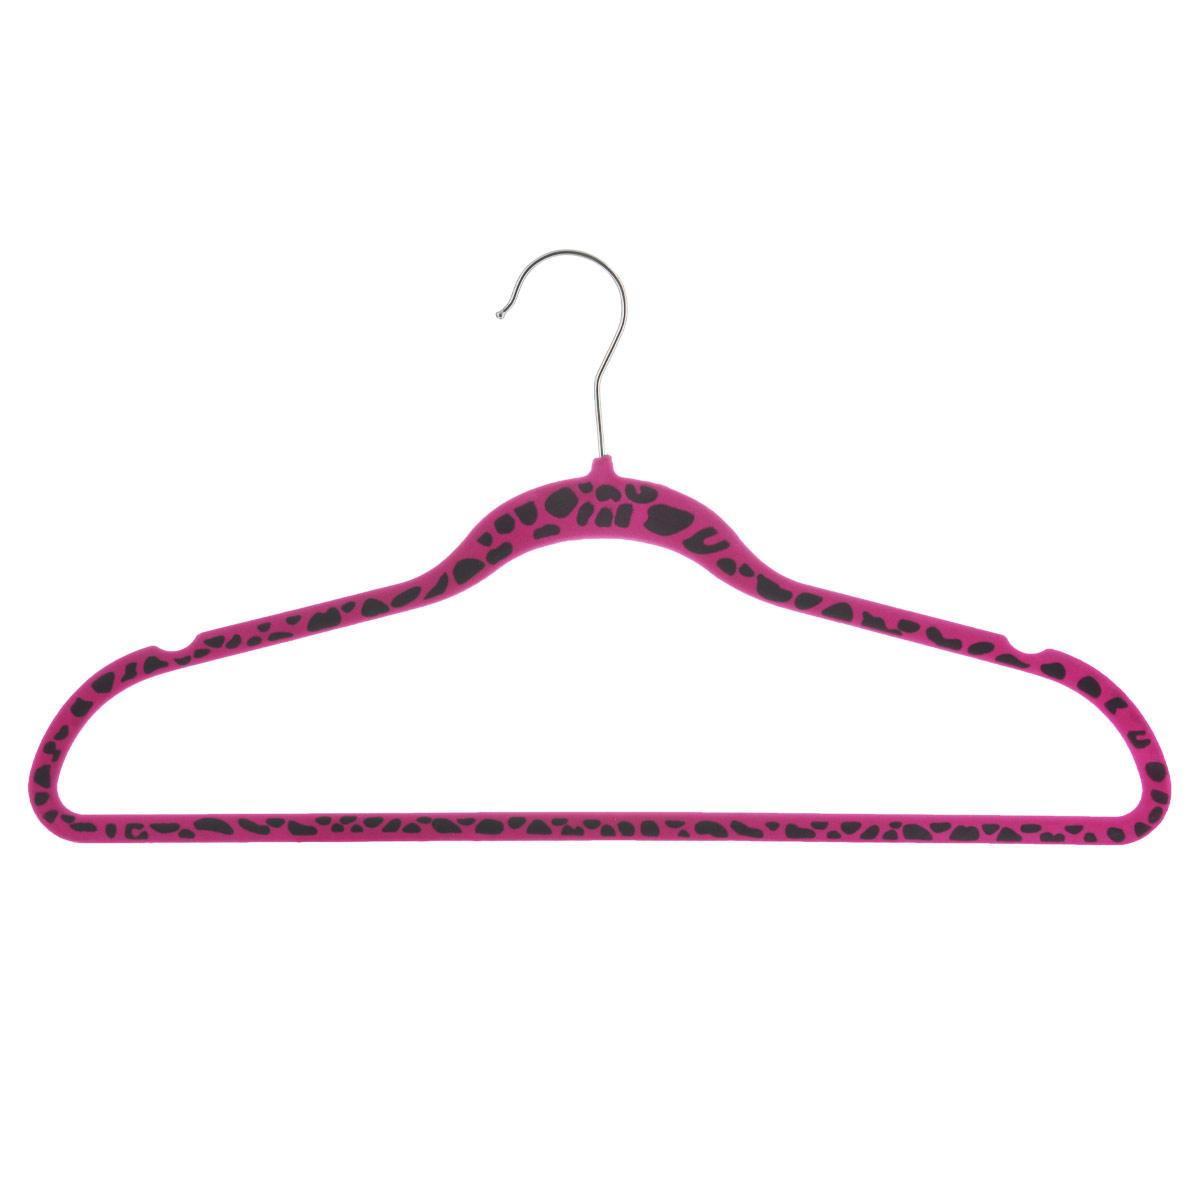 Вешалка для одежды Flatel Сафари, цвет: розовый, черный, размер 50-52M012Вешалка Flatel Сафари выполнена из ABS-пластика, обтянута бархатистой тканью флок. Вешалка оснащена перекладиной, удобным металлическим крючком, а также выемками для петелек одежды. Вешалка - это незаменимая вещь для того, чтобы ваша одежда всегда оставалась в хорошем состоянии. Размер одежды: 50-52.